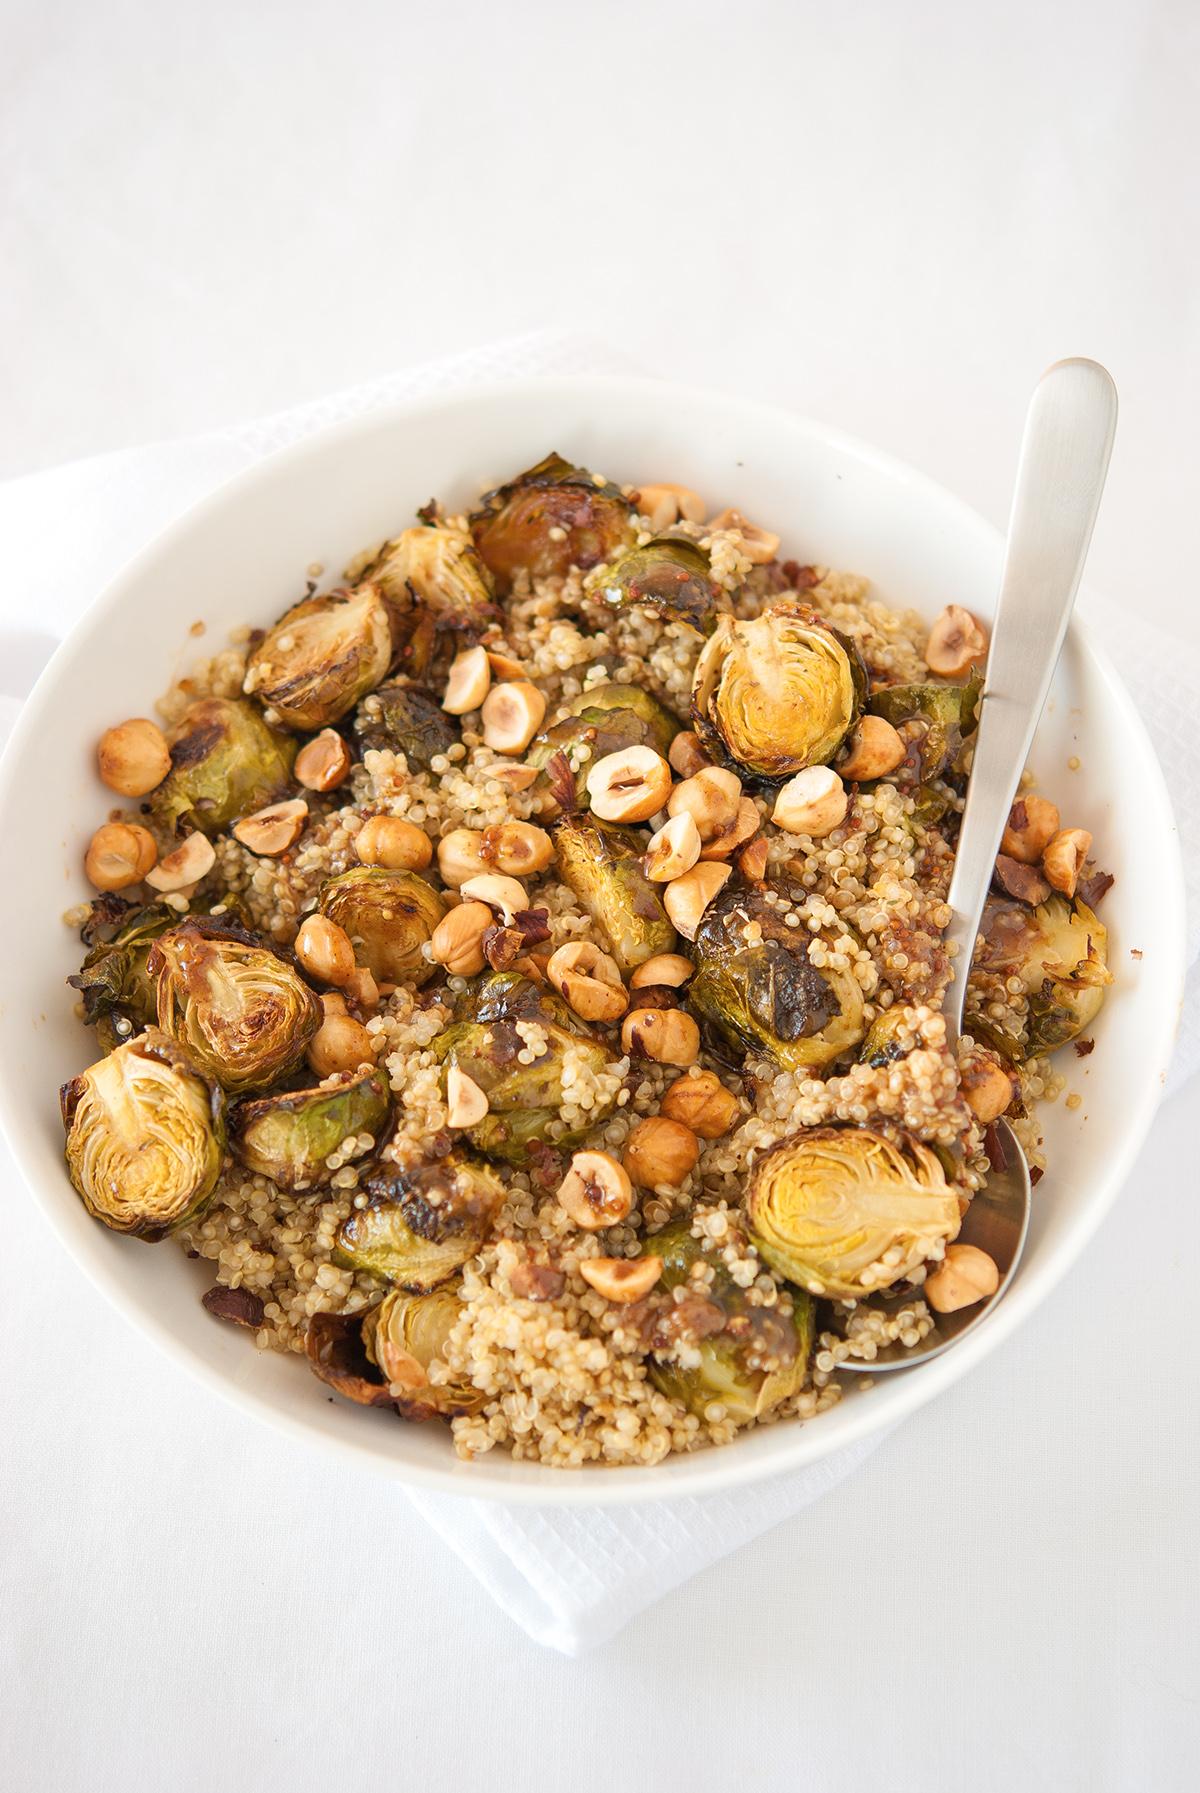 Salade de quinoa aux choux de bruxelles r tis et aux for Cuisine quinoa